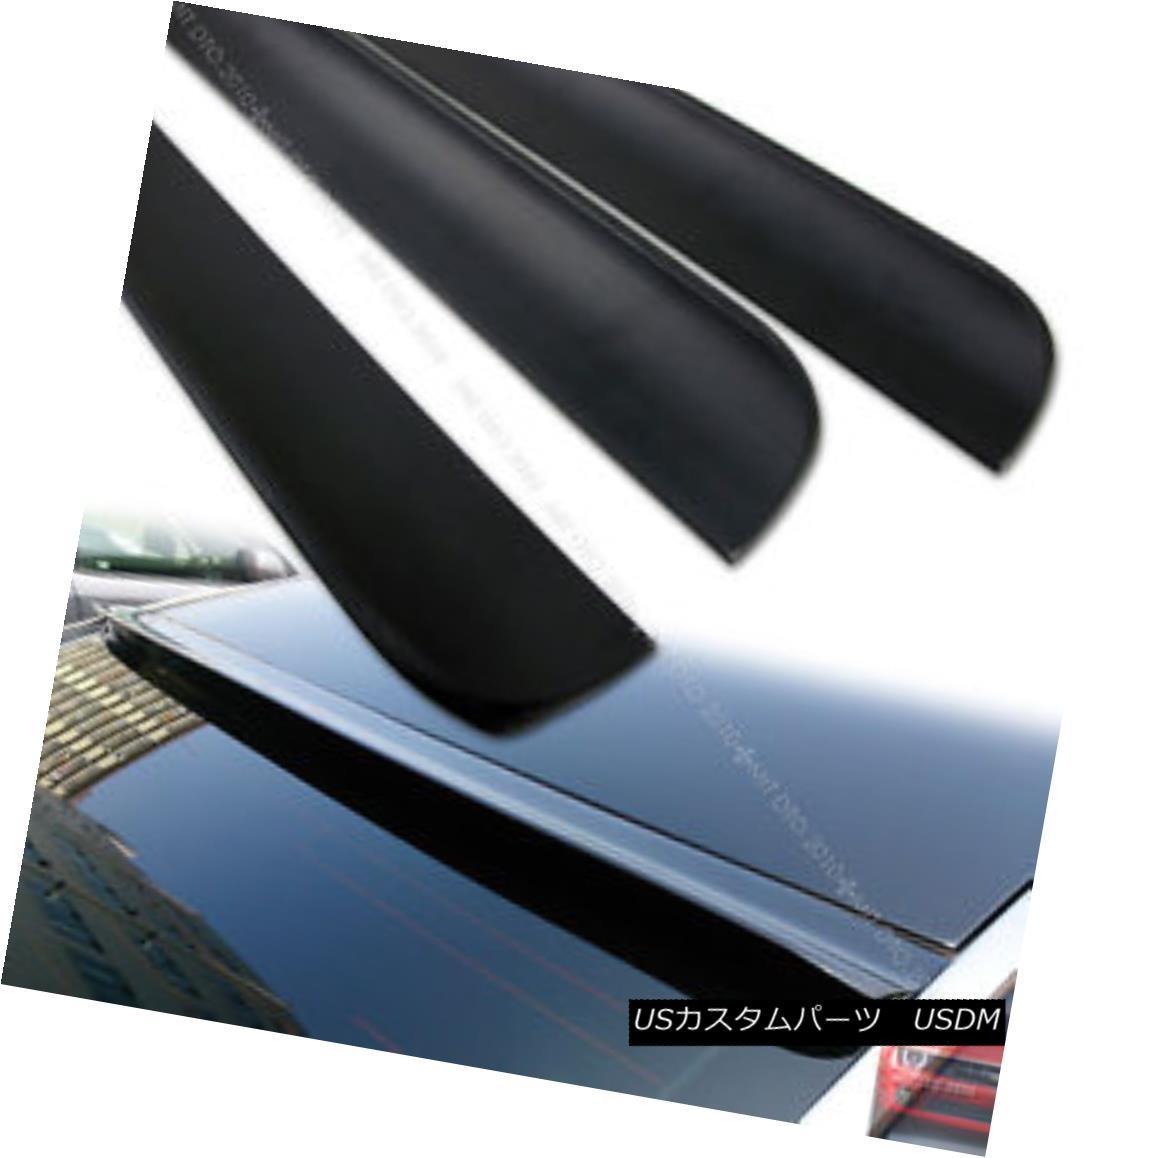 エアロパーツ Unpainted For Rear Roof Lip Spoiler Wing Audi A4 B7 4DR Sedan 2006-2008 リアルーフリップスポイラーウイングアウディA4 B7 4DRセダン2006-2008用未塗装